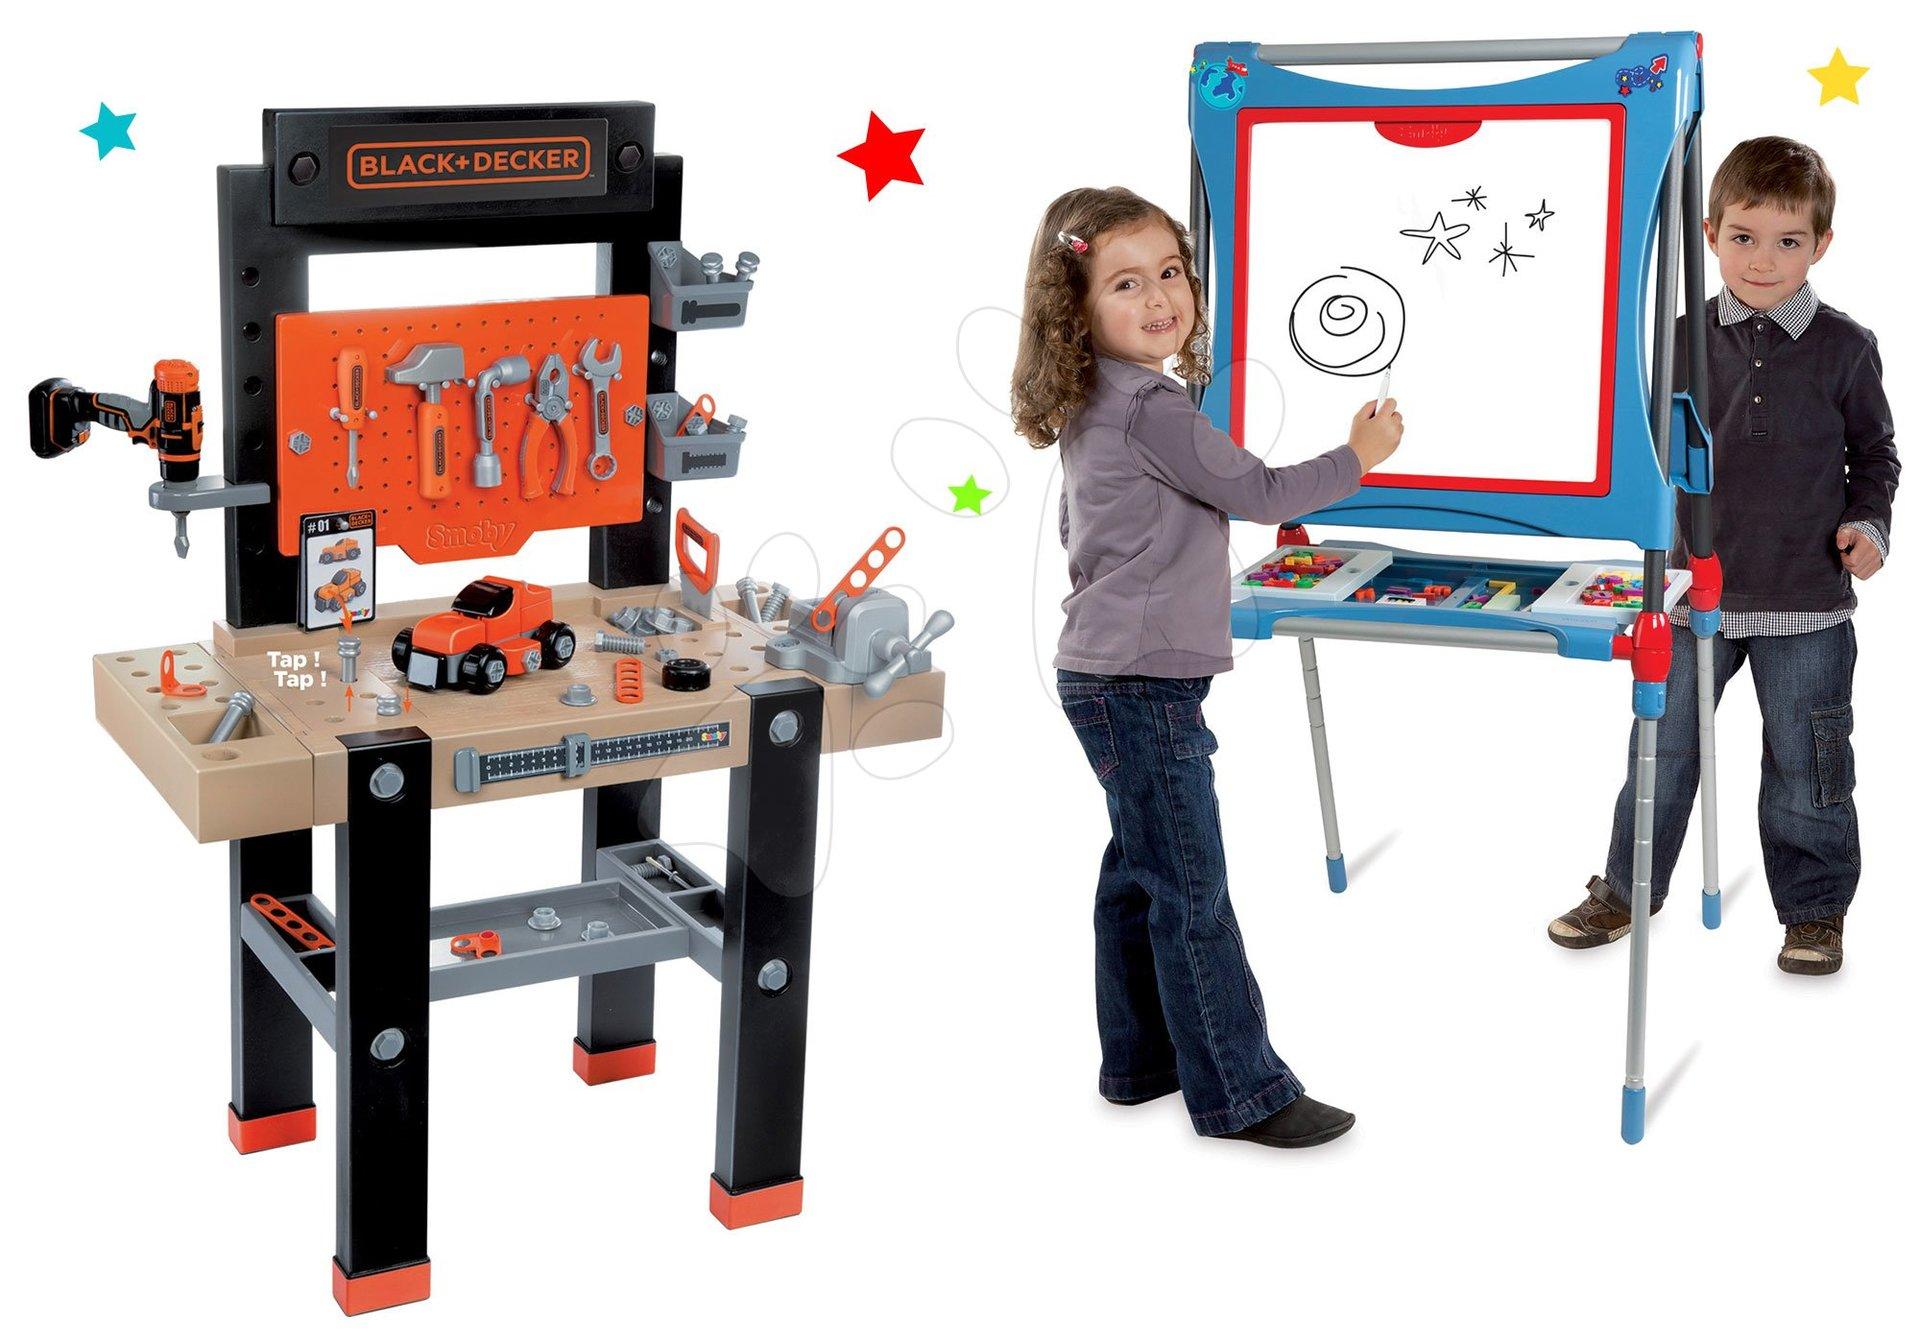 Set pracovní dílna Black+Decker s vrtačkou Smoby a magnetická oboustranná tabule polohovatelná se skřinkou